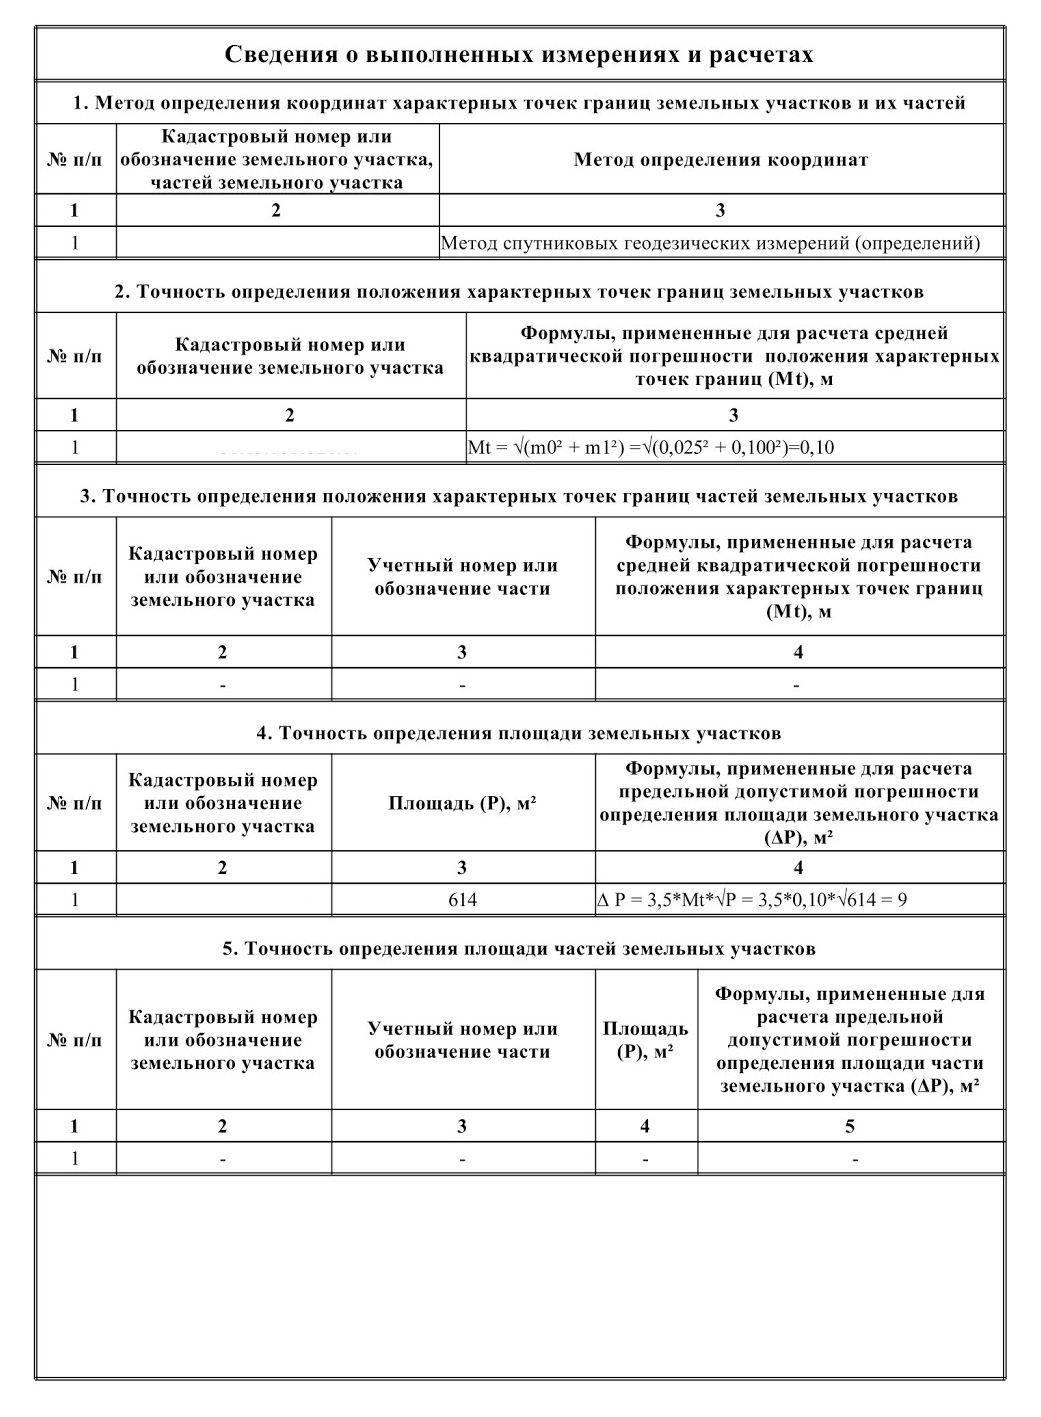 Допустимая погрешность при межевании земельных участков по закону: образец, как выглядит заявление на кадастровые работы, кто делает процедуру